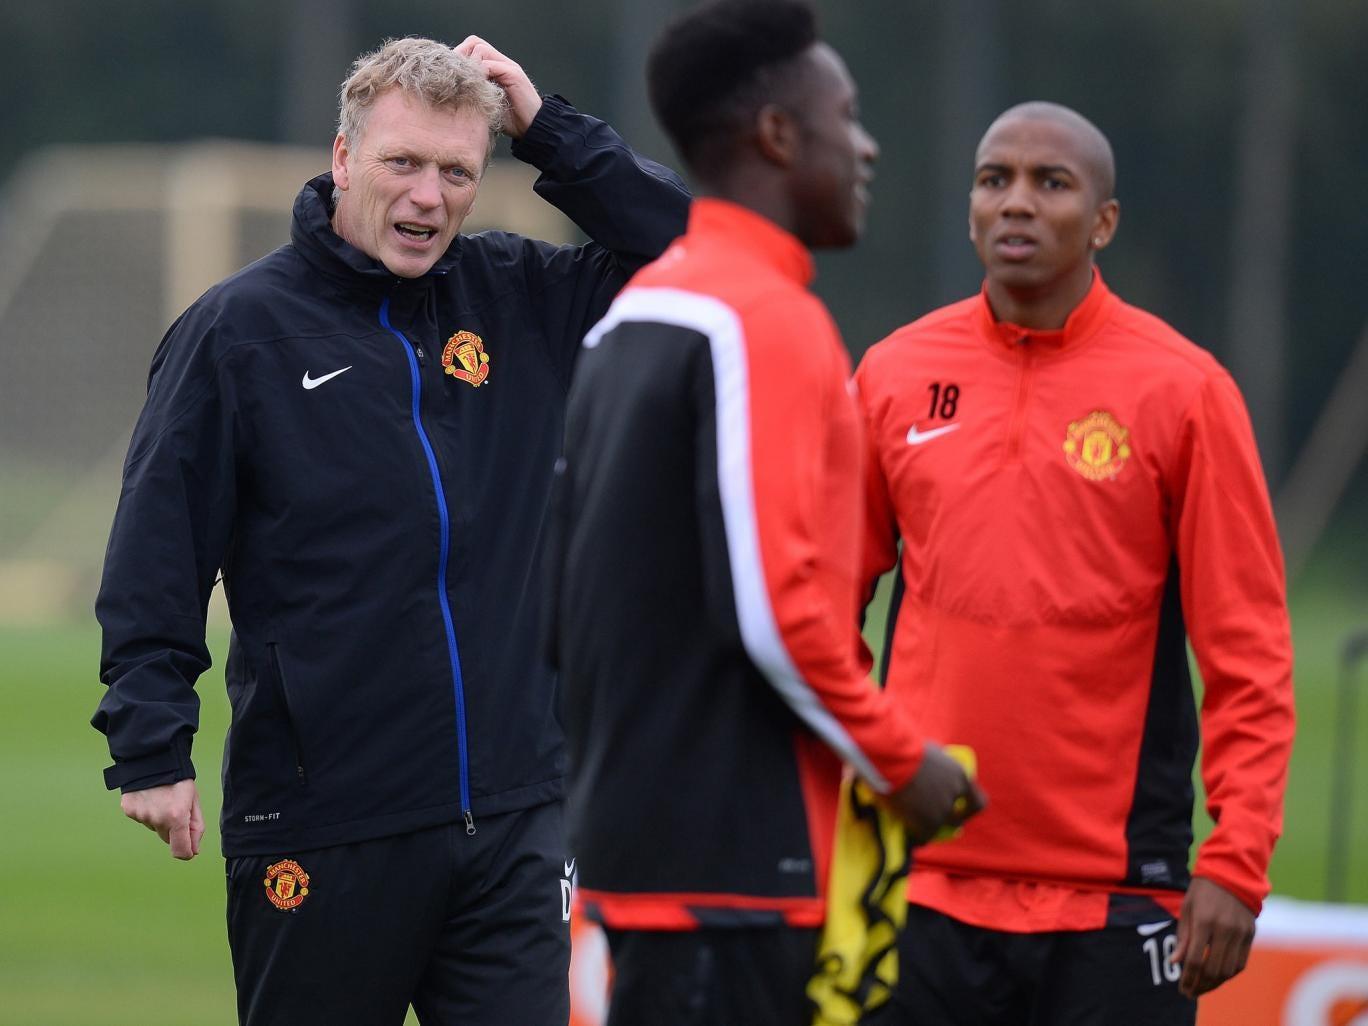 David Moyes take training with Manchester United